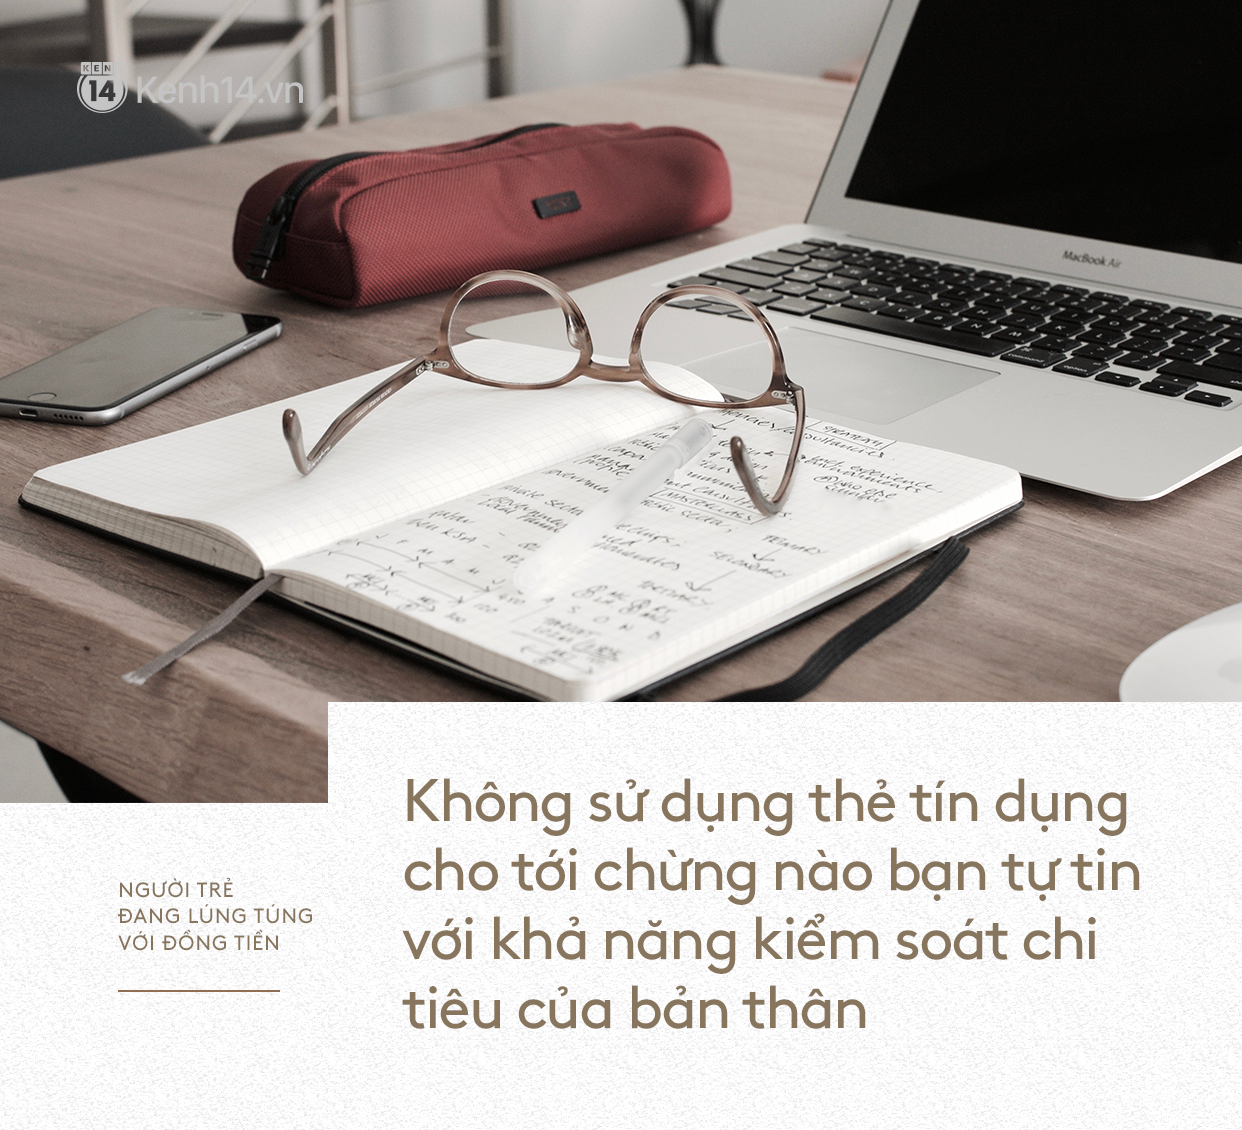 Người trẻ Việt: Làm ra bao nhiêu tiền cũng không thấy đủ, tiêu bao nhiêu cũng không thấy vừa! - Ảnh 5.